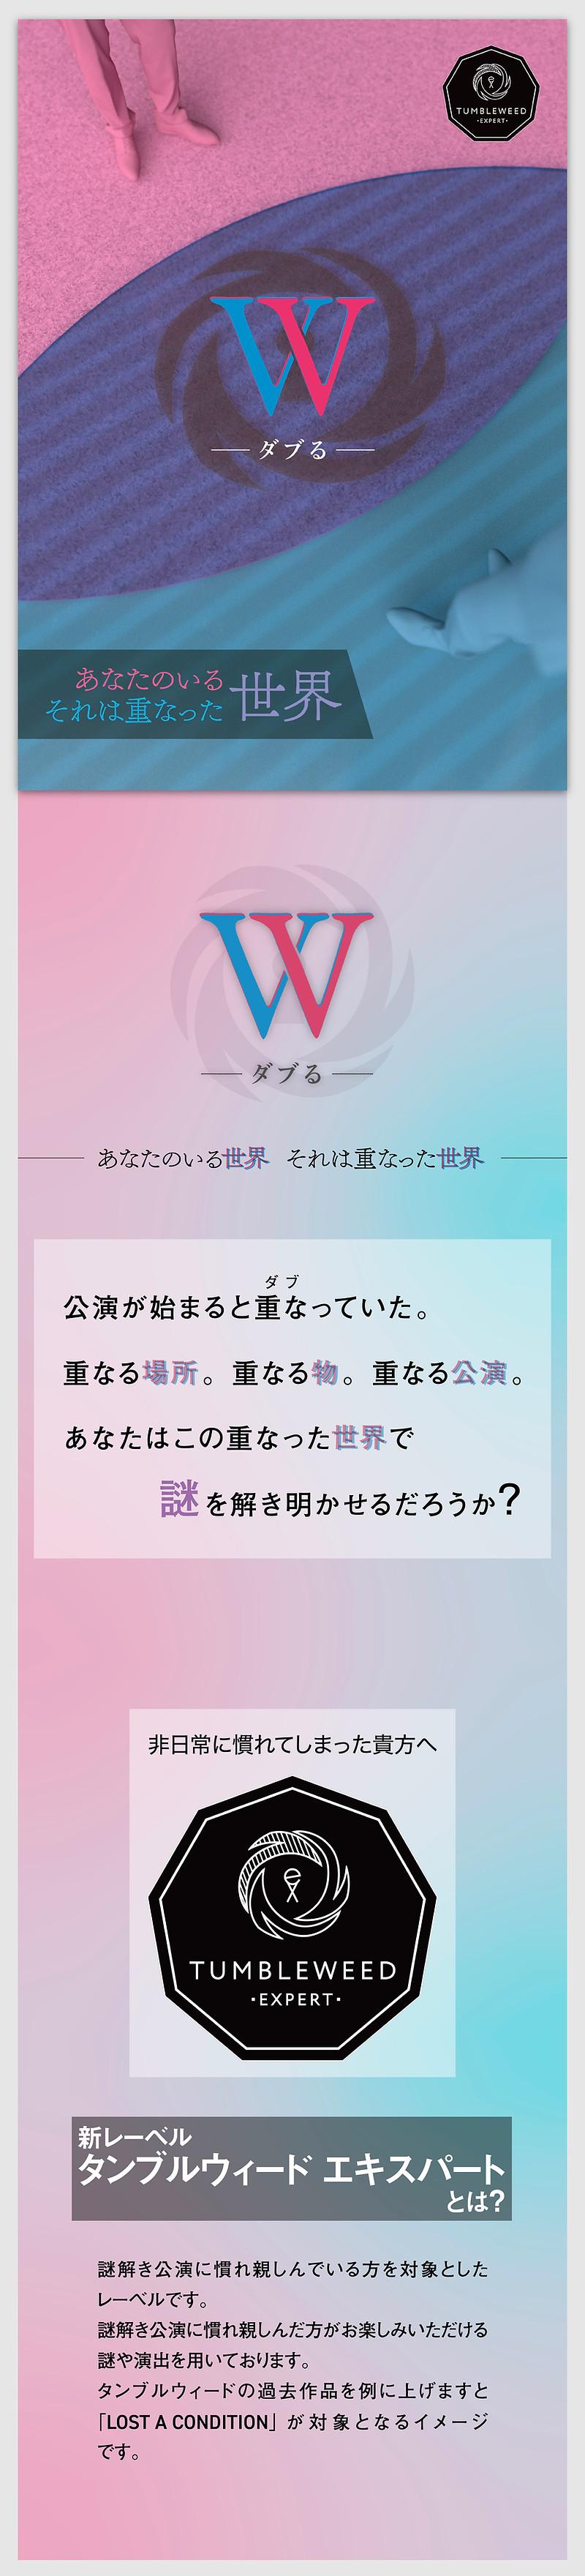 W_1.jpg